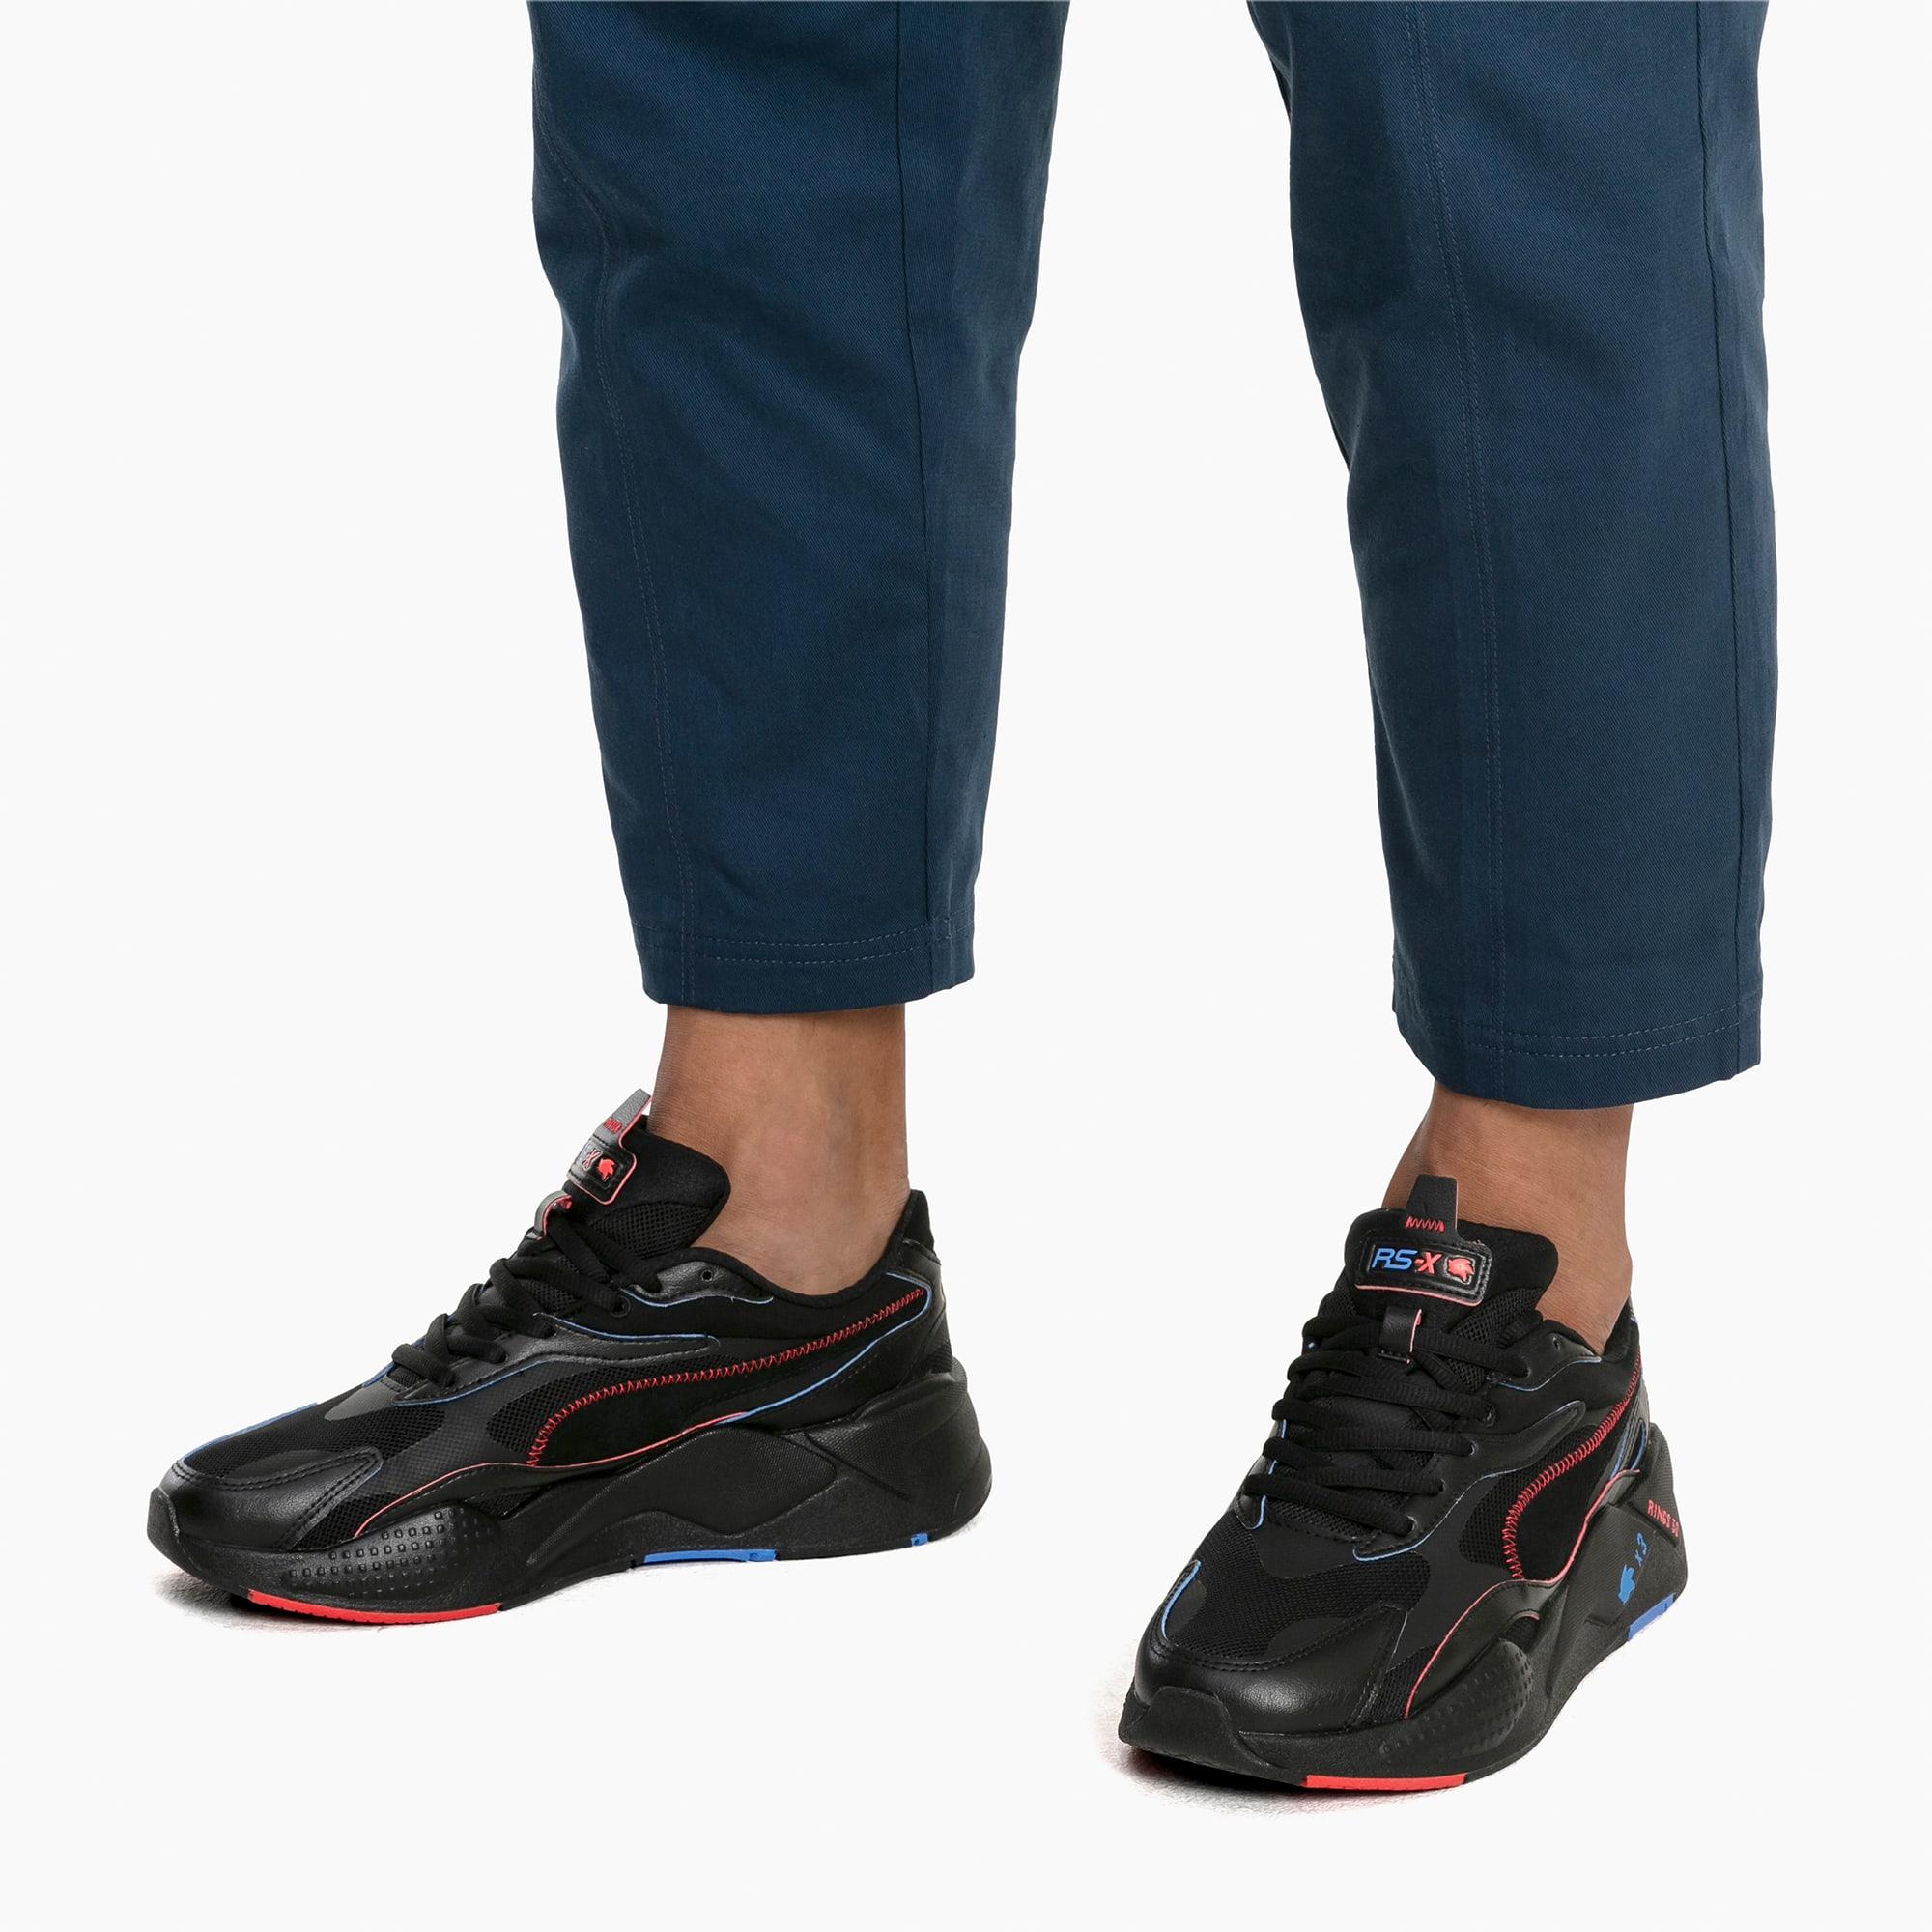 Scarpe da ginnastica nere PUMA x SONIC RS X³